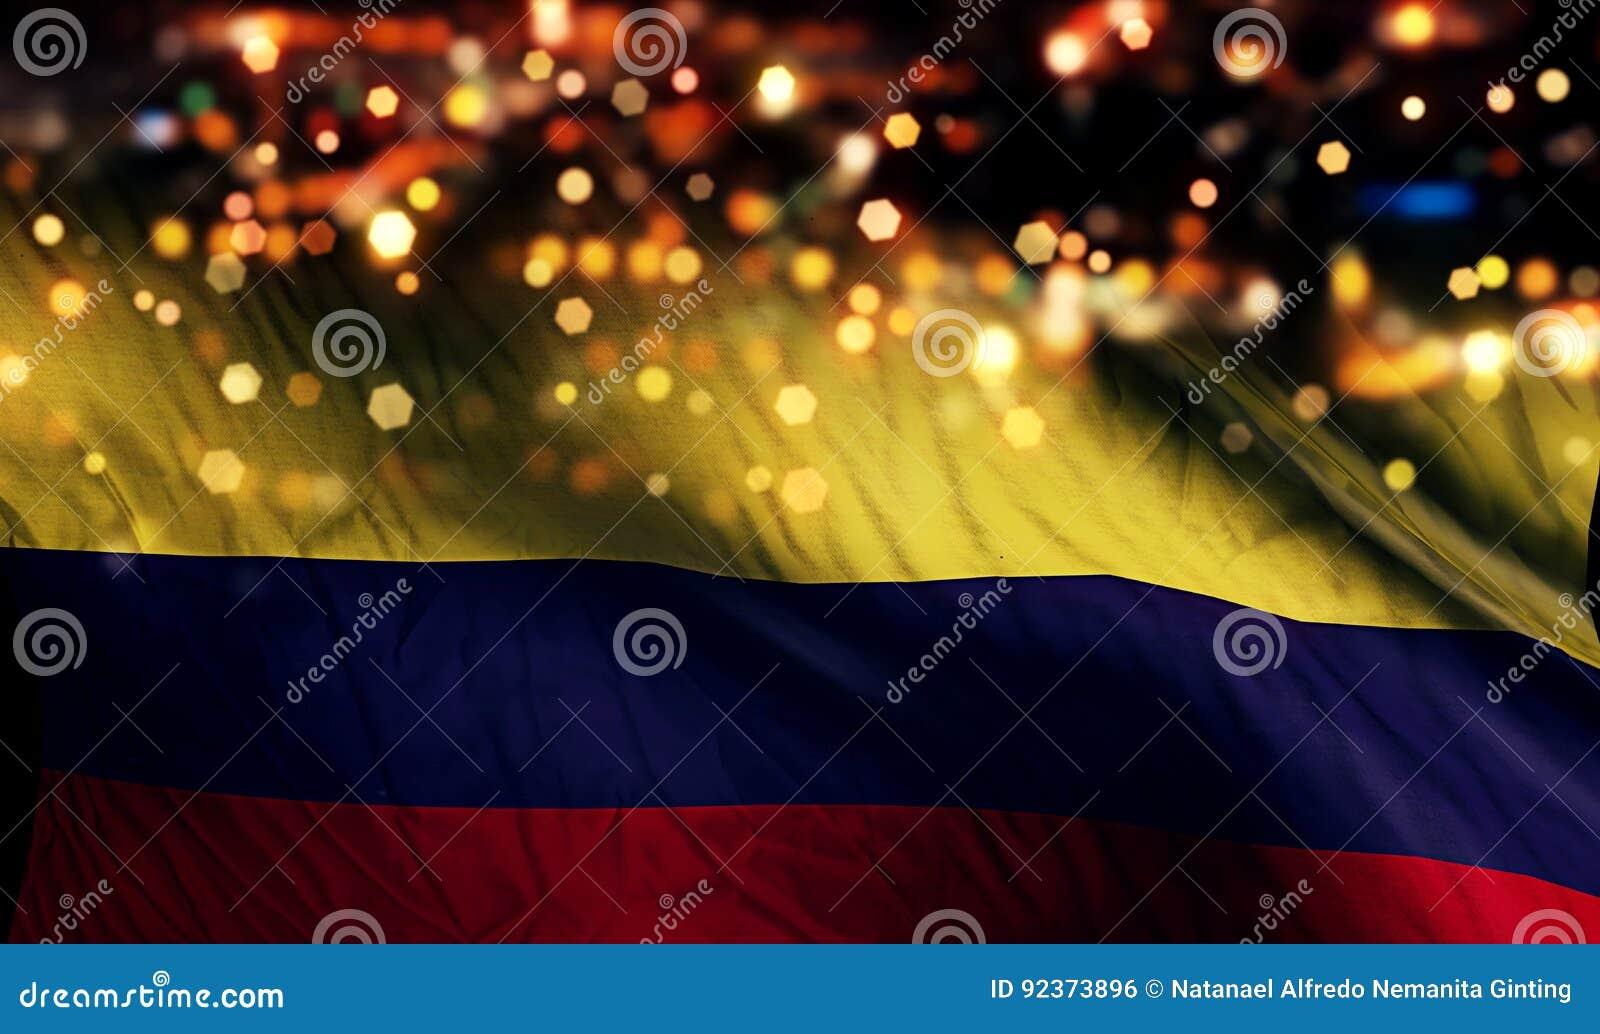 哥伦比亚国旗光夜Bokeh摘要背景